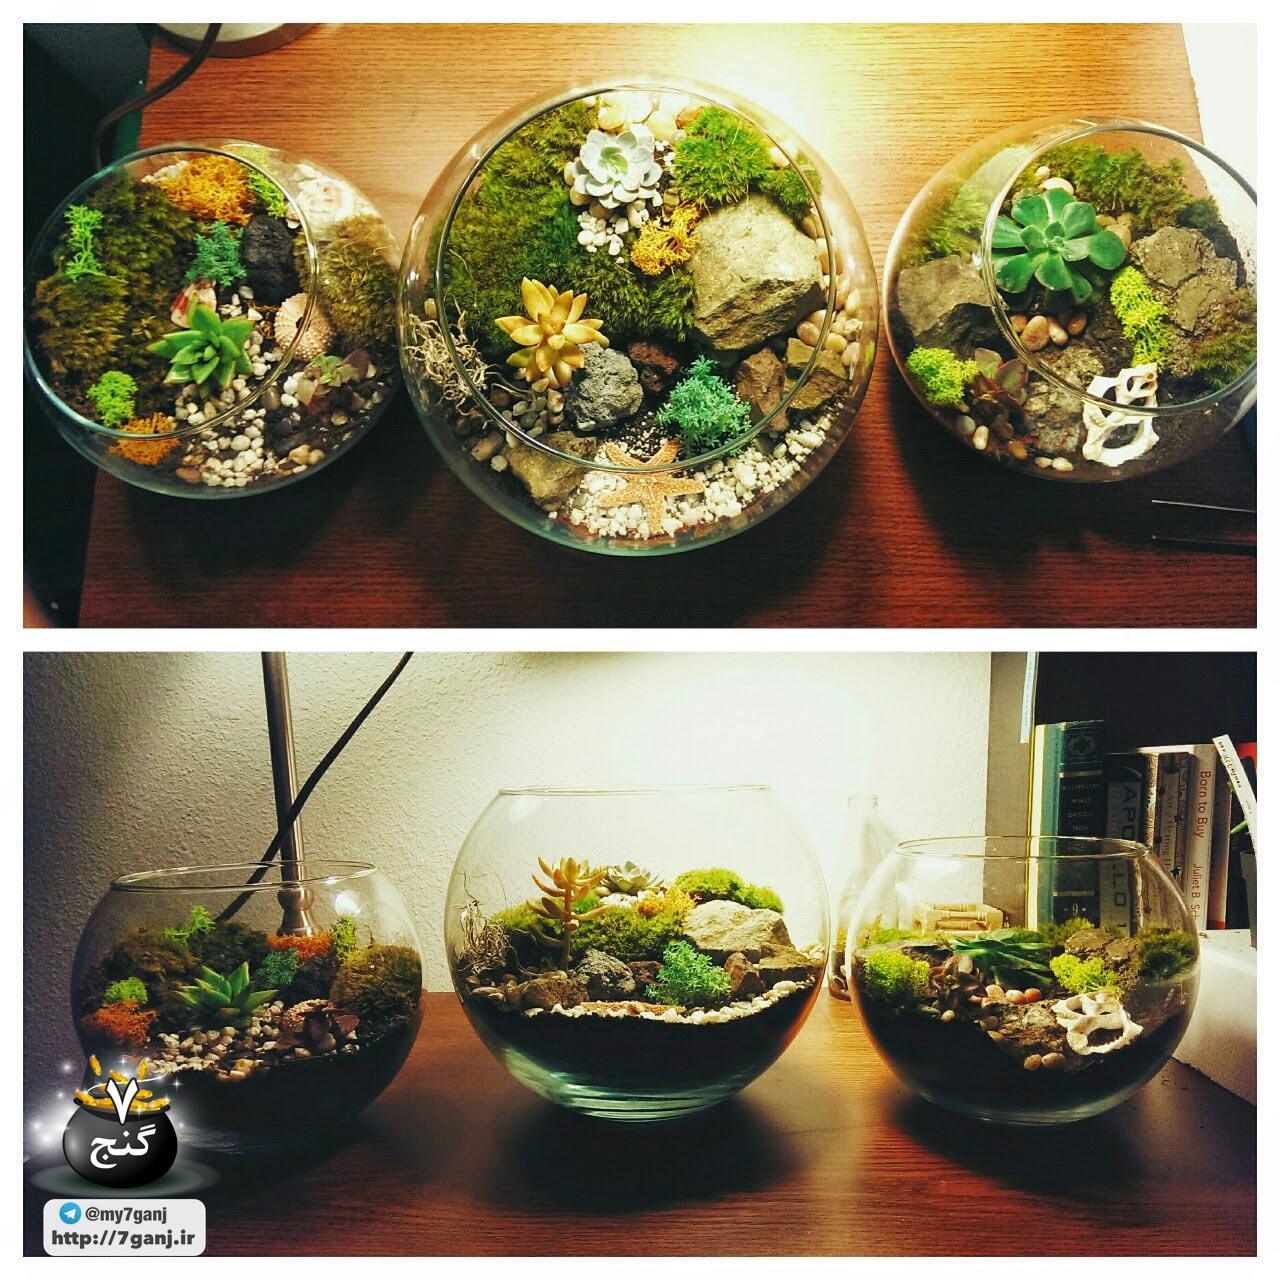 آموزش قدم به قدم ساخت تراریوم یا باغ شیشه ایتراریوم یا باغ شیشه ای